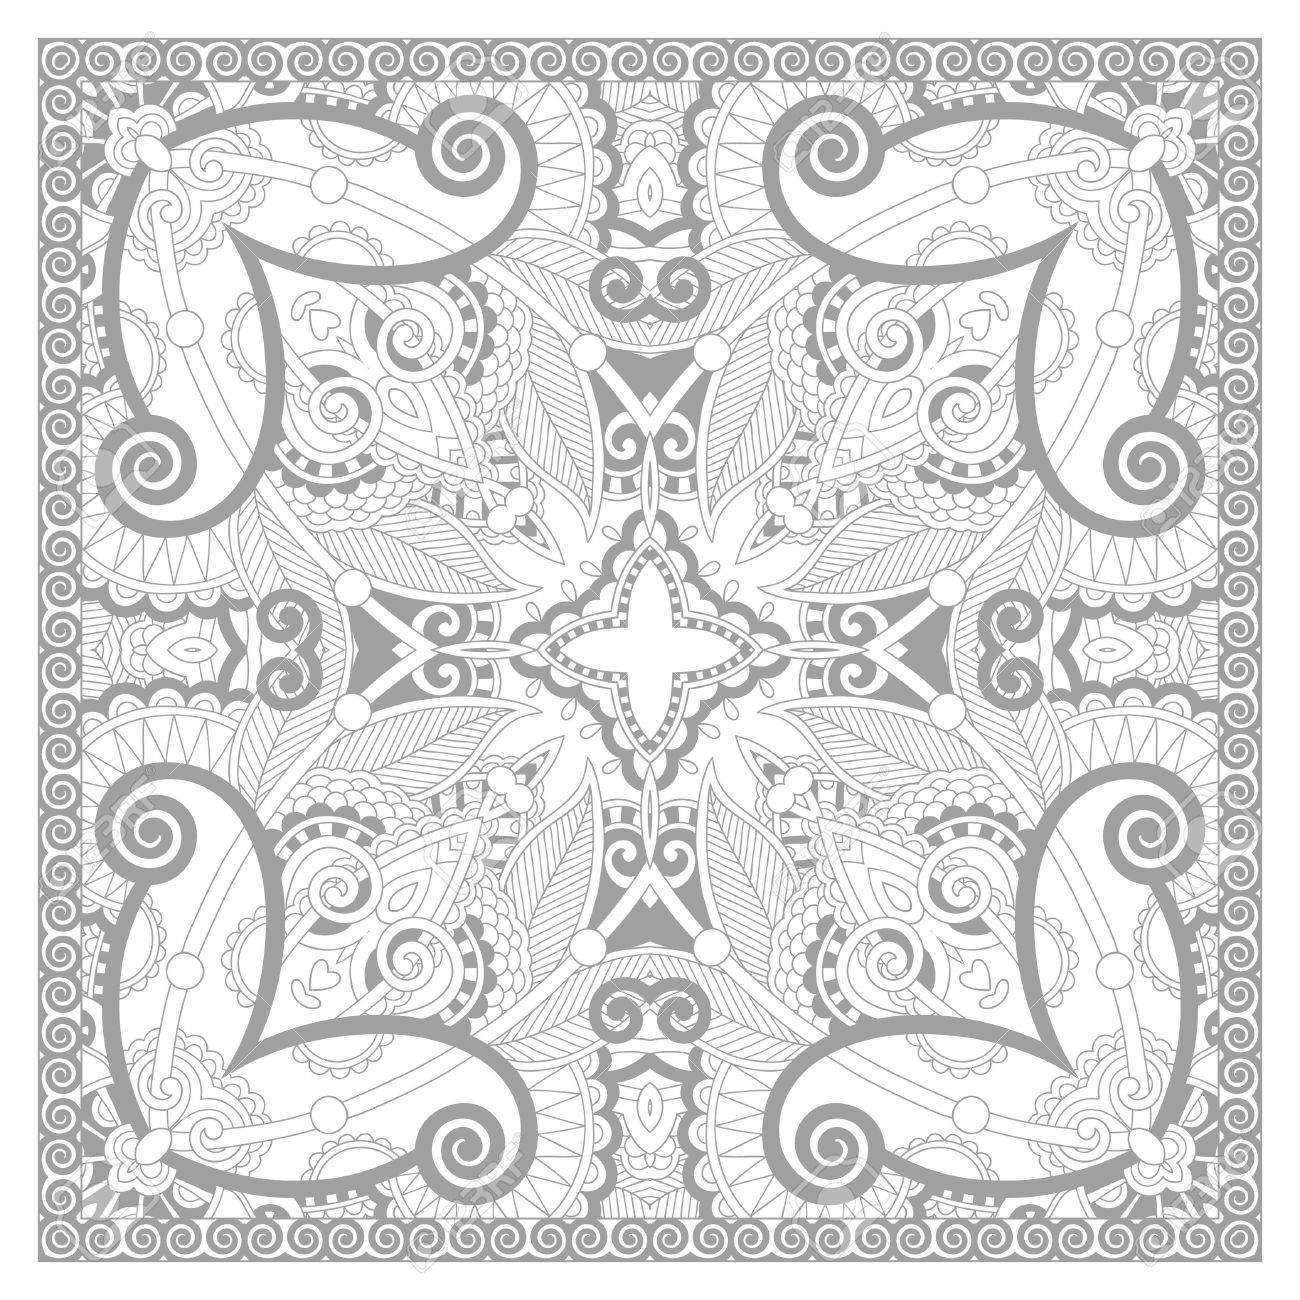 unique coloring book square page for adults floral carpet design joy to older children - Unique Coloring Books